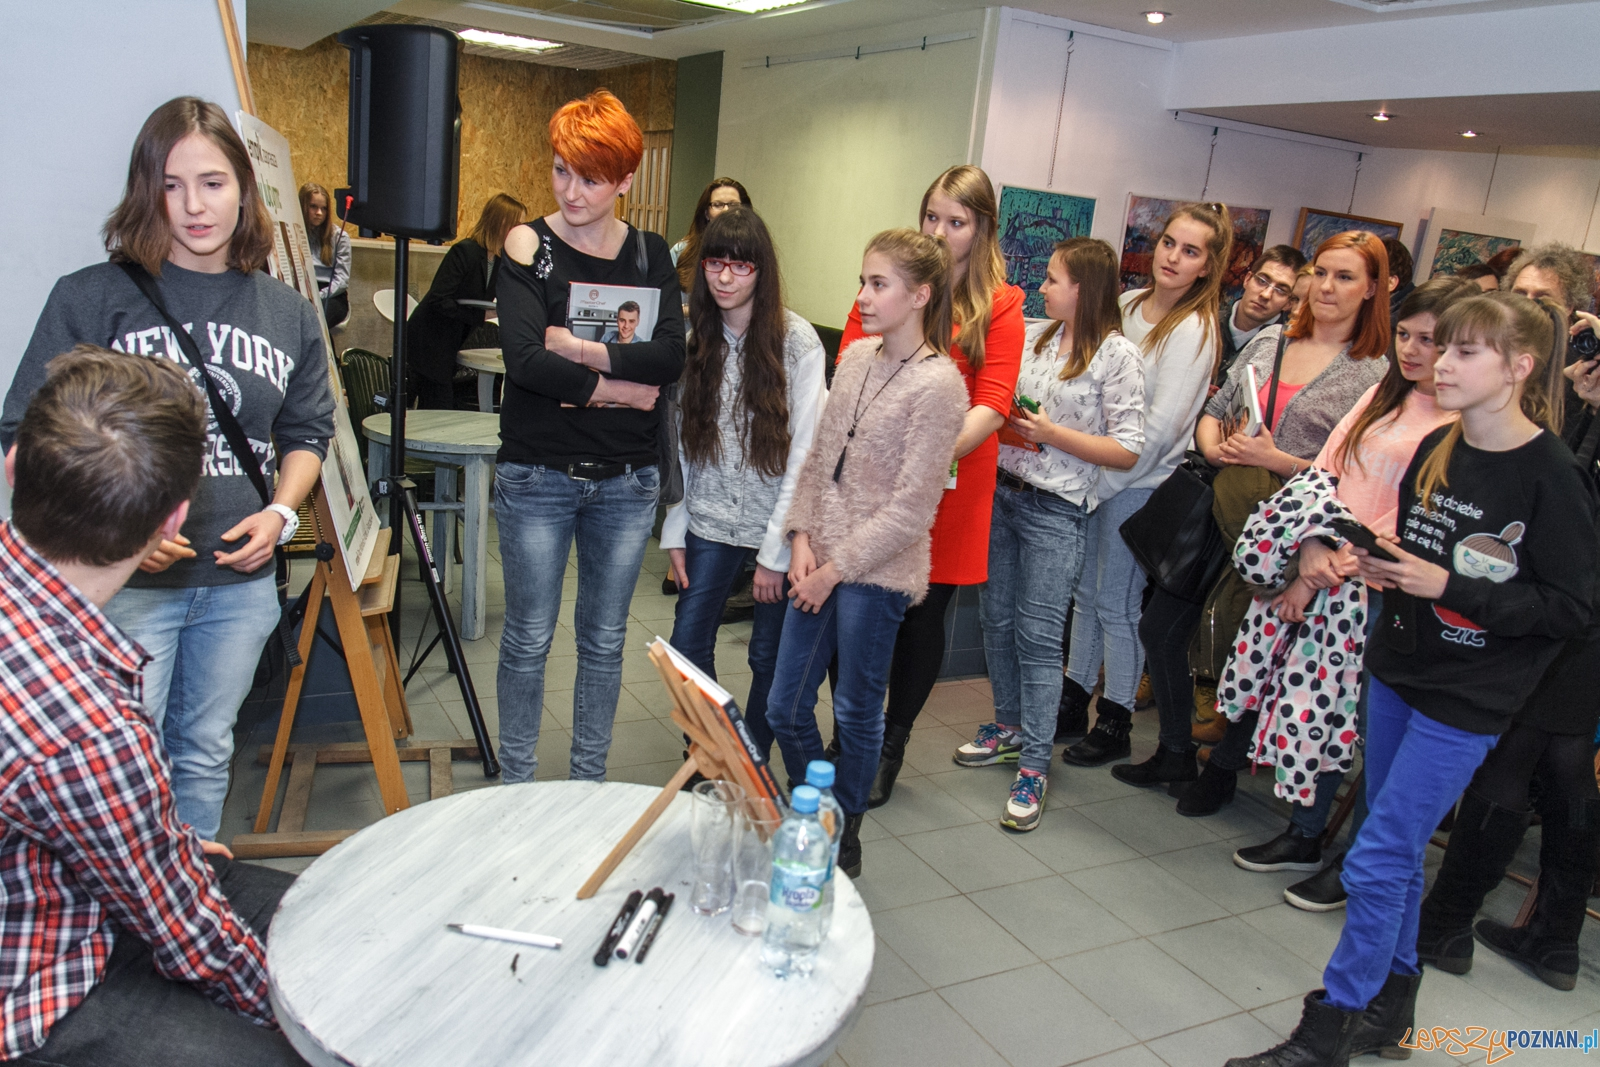 Spotkanie z Damianem Kordasem, finalistą 4 edycji konkursu Mast  Foto: LepszyPOZNAN.pl / Paweł Rychter